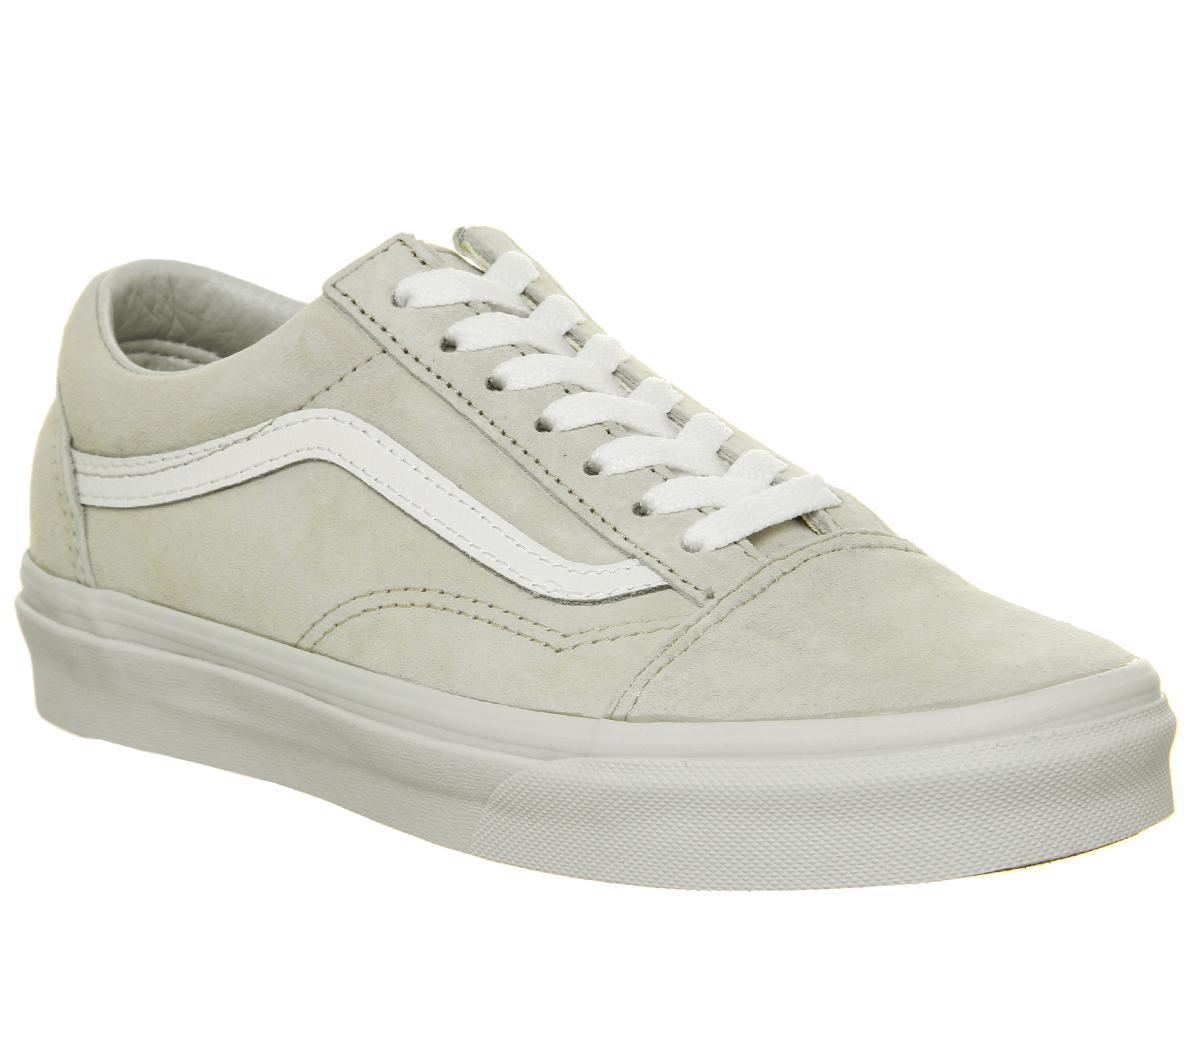 Vans Old Skool Trainers Moonbeam White Sneaker damen